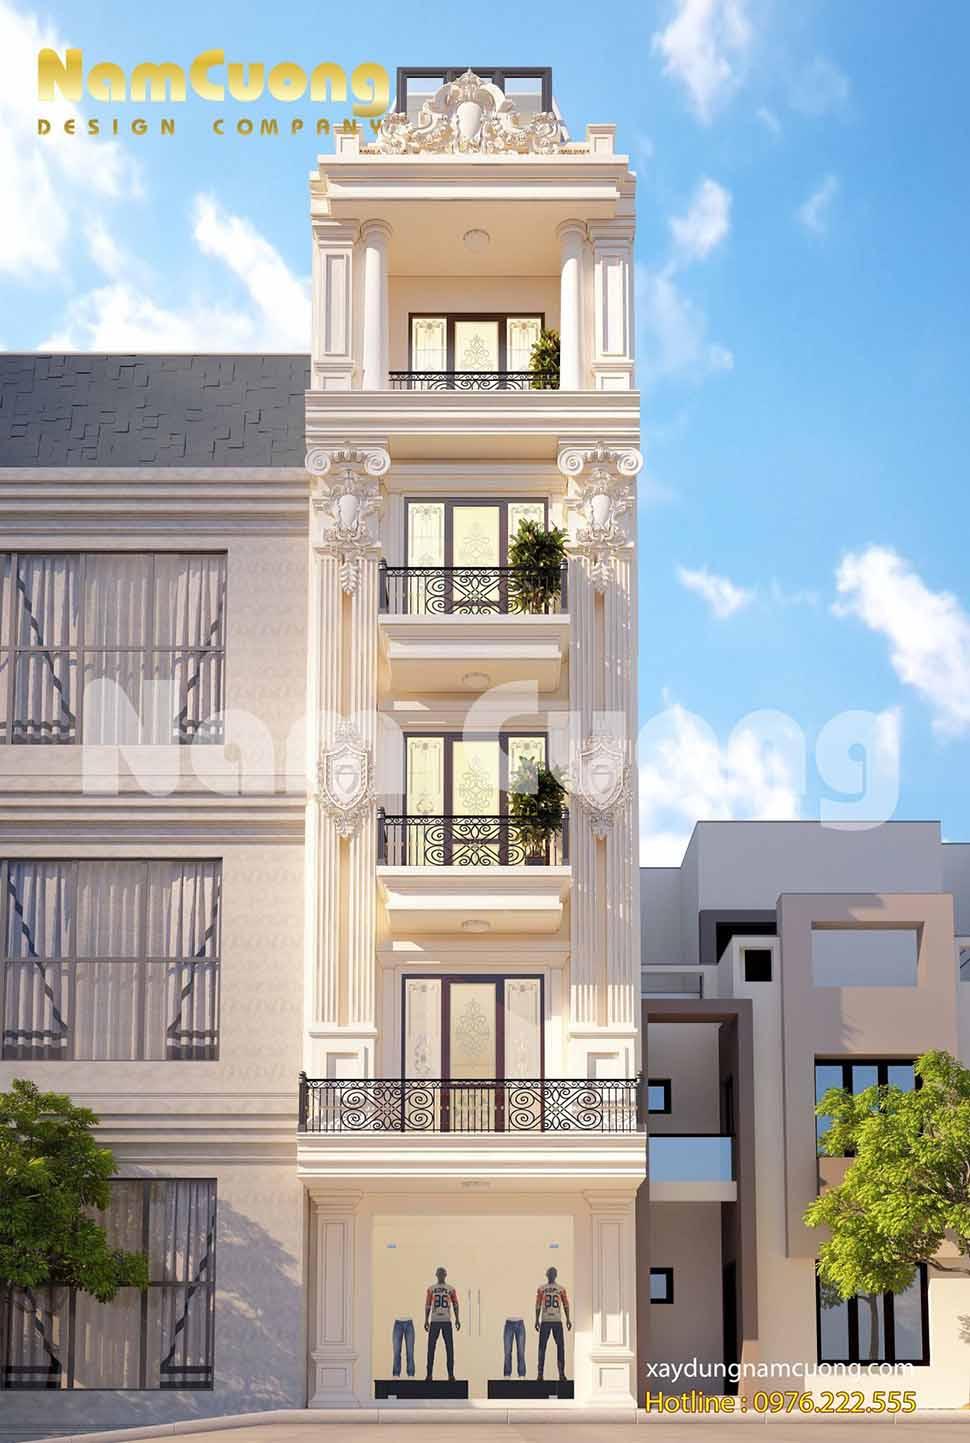 Hai chiếc cột trang trí chạy dài từ tầng 2 đến tầng 4 của công trình